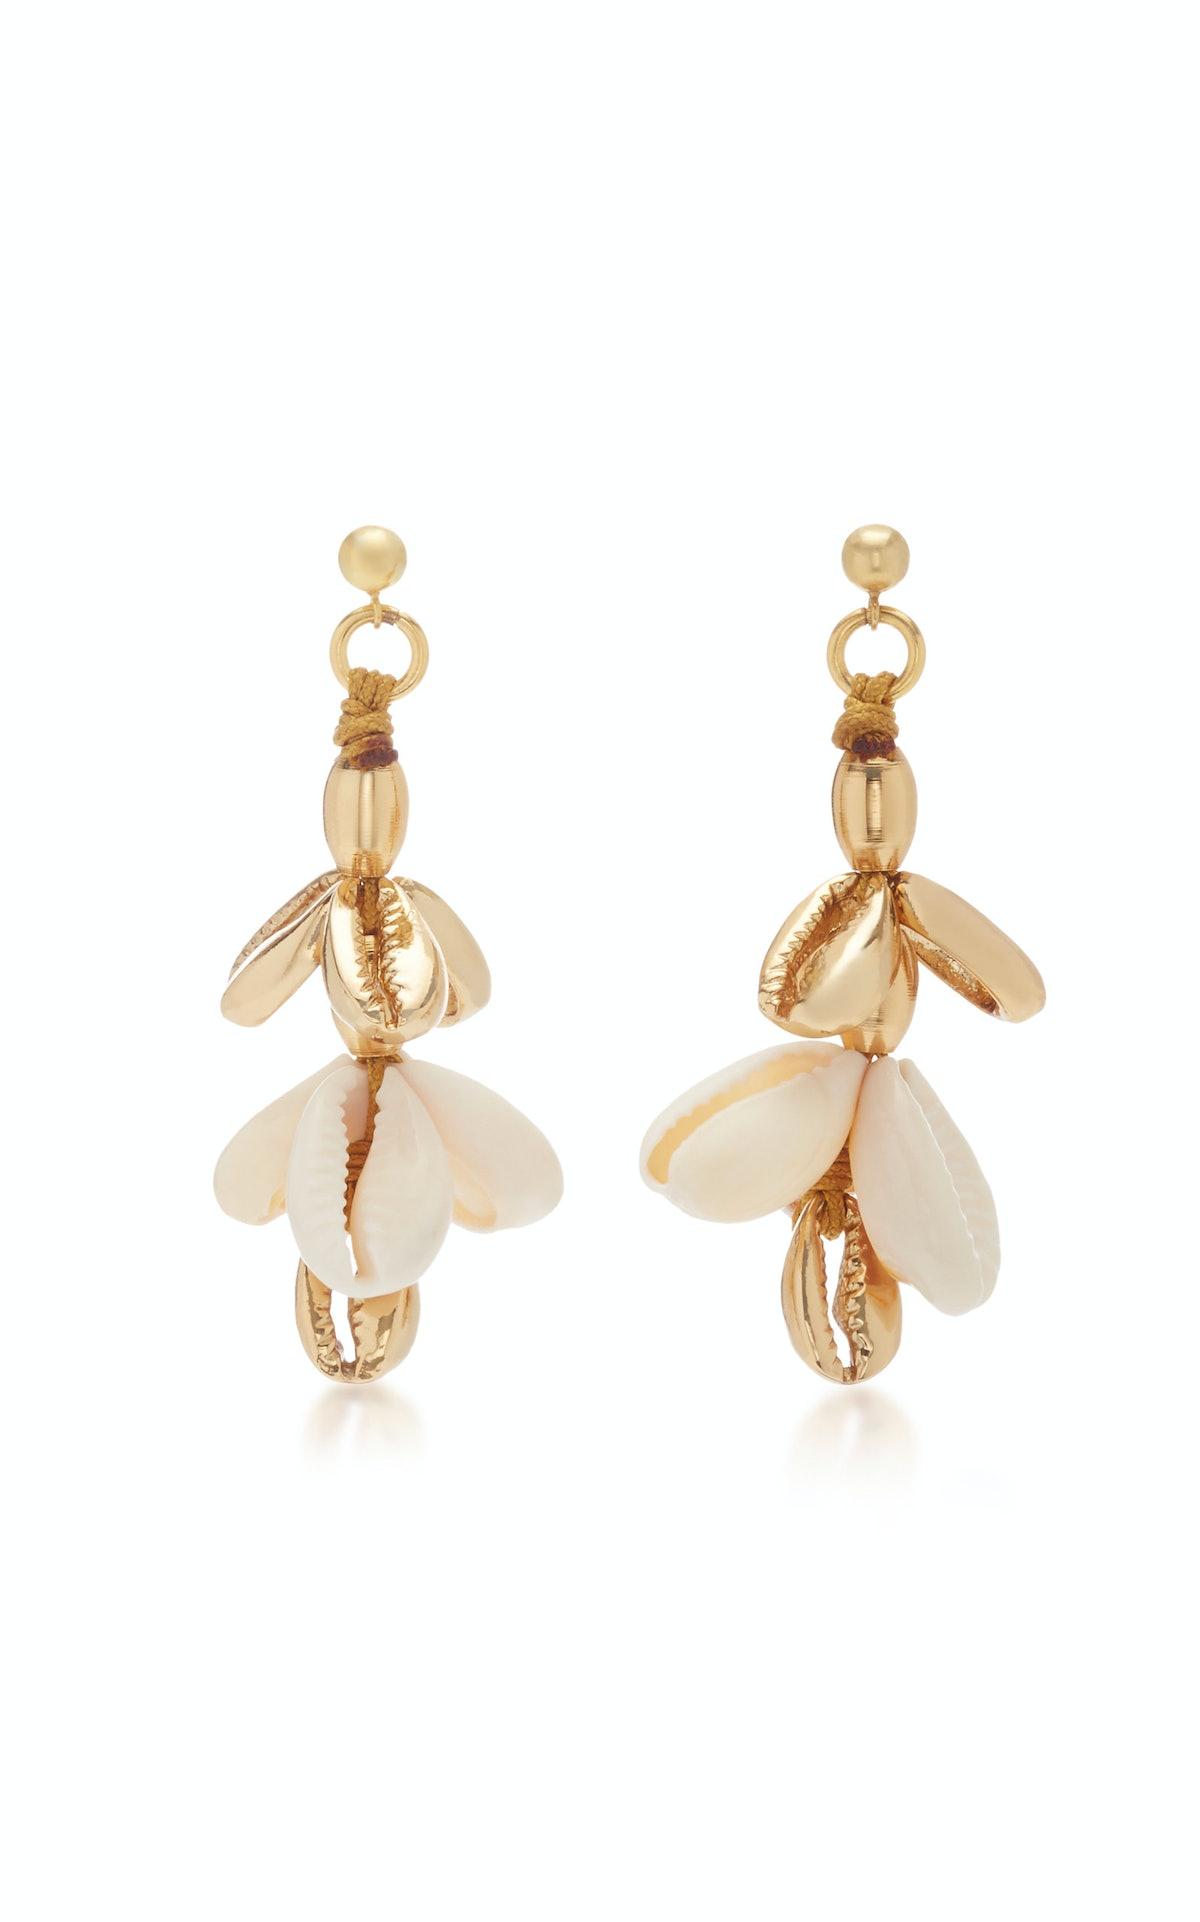 22K Gold-Plated Shell Earrings